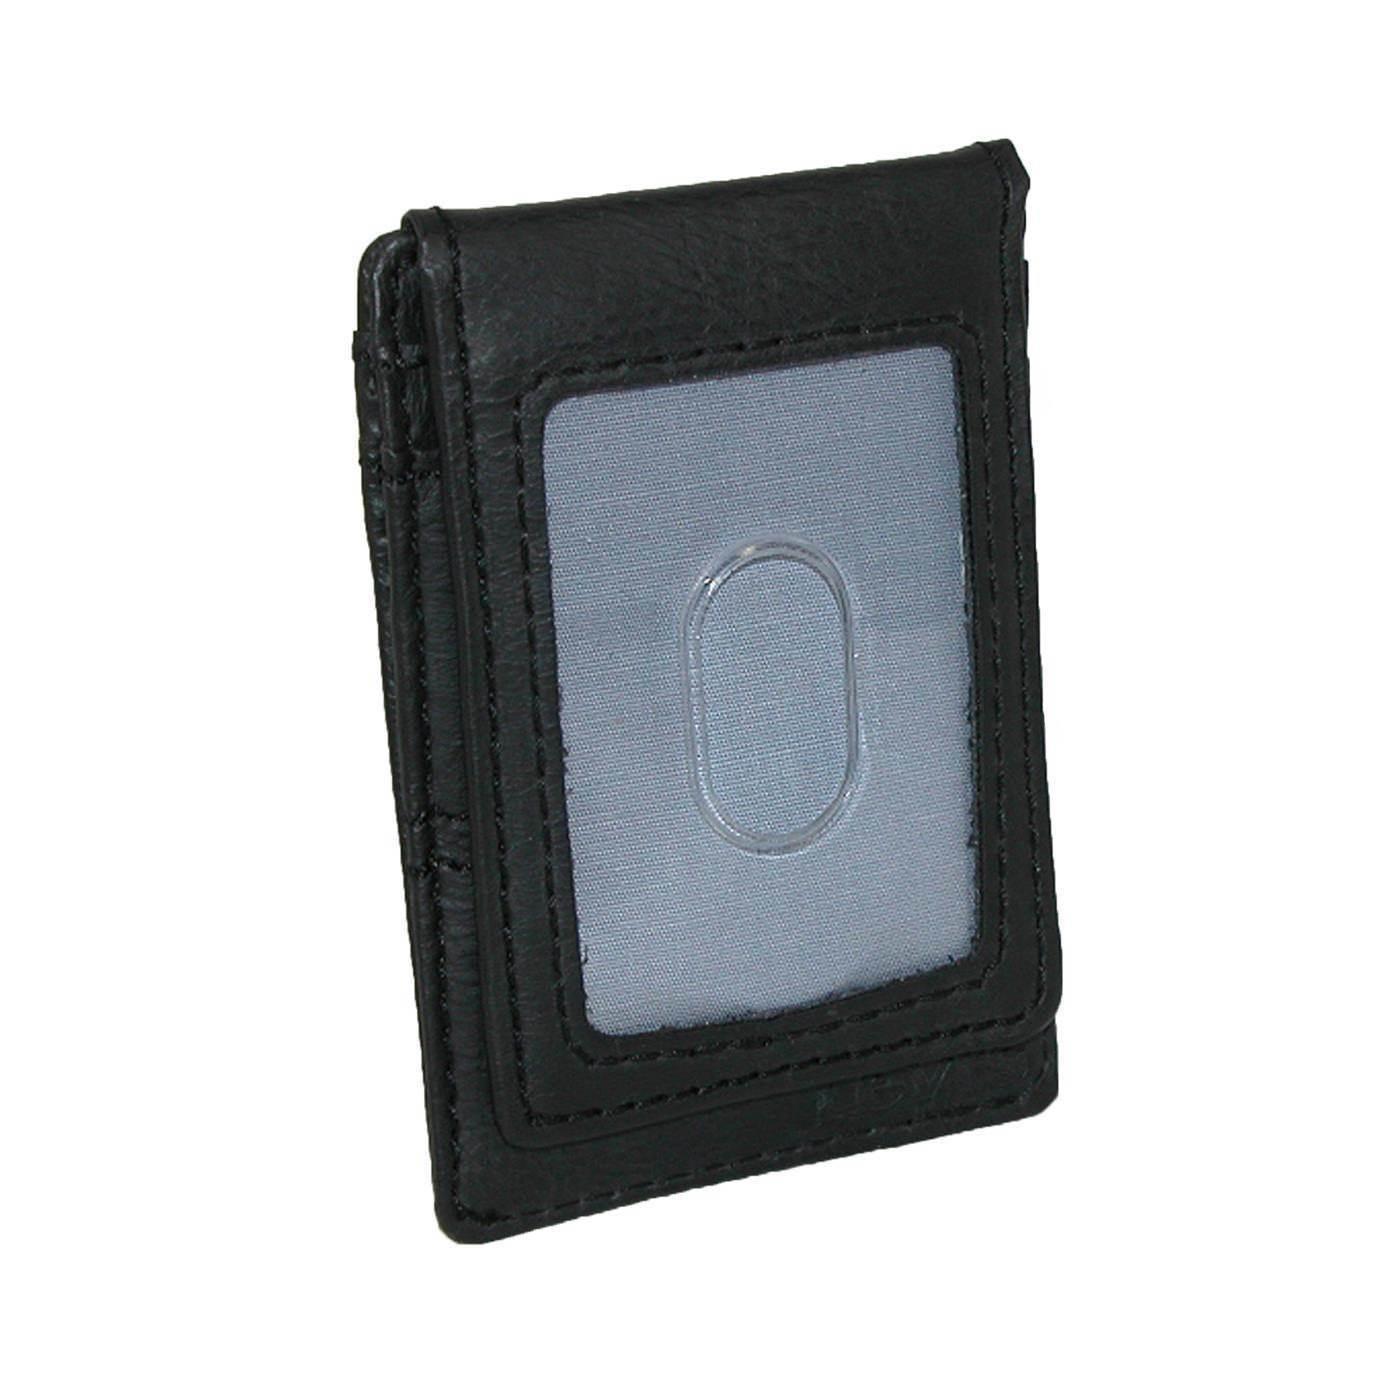 New Men's Levi's Rfid Blocking Wide Magnetic Front Pocket Wallet image 4